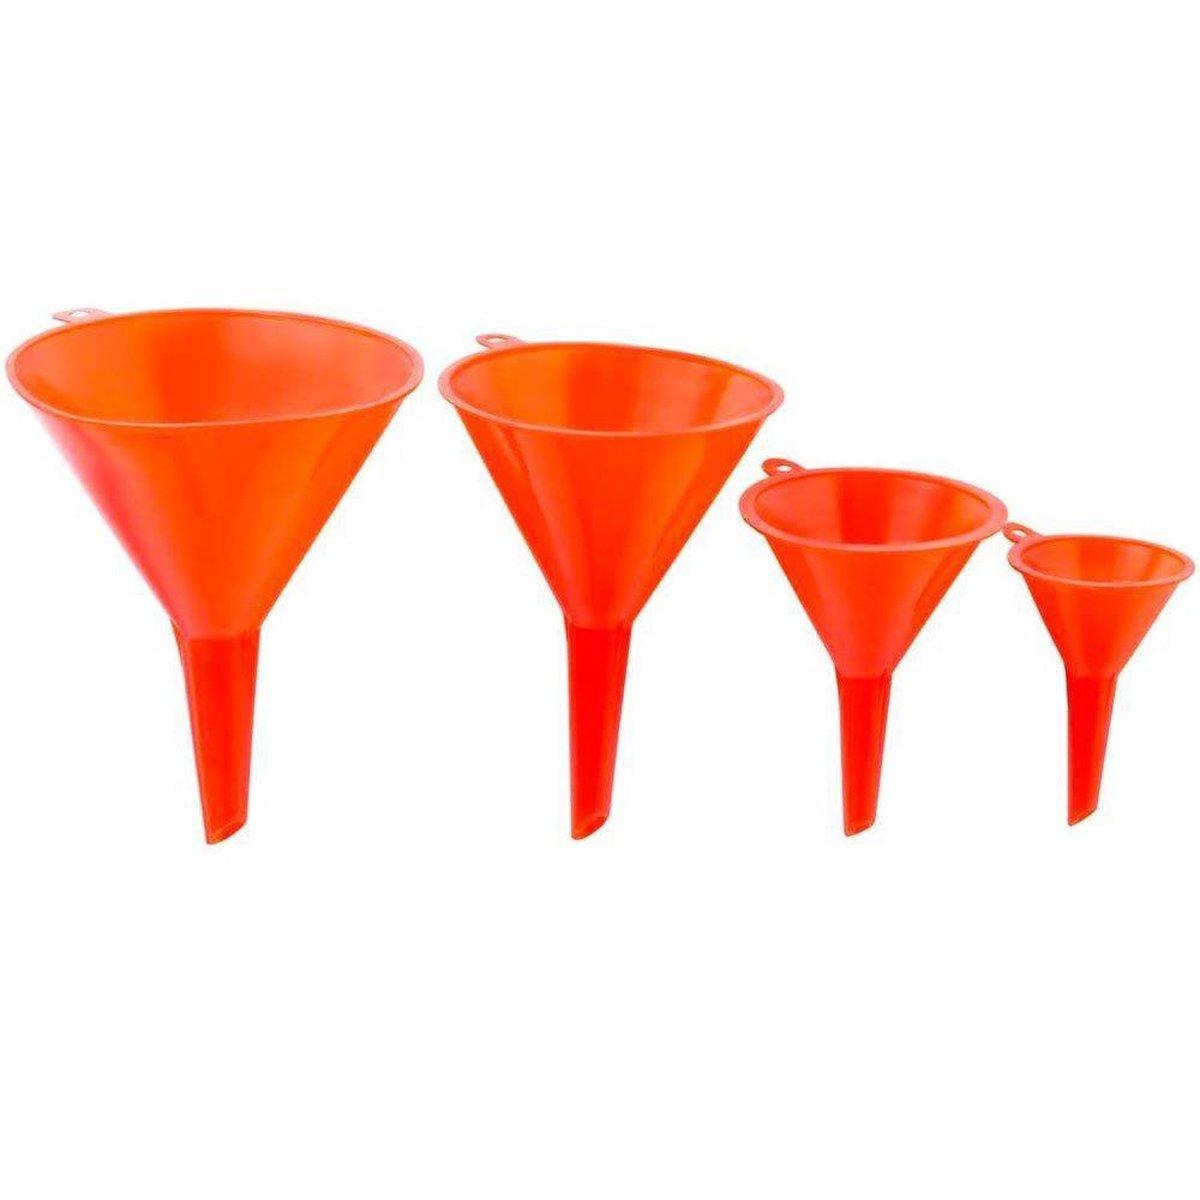 Premium Plastic Trechter Set   4 Stuks     115/95/73/50mm   Voor Snelle en Schone Overdracht van Vlo